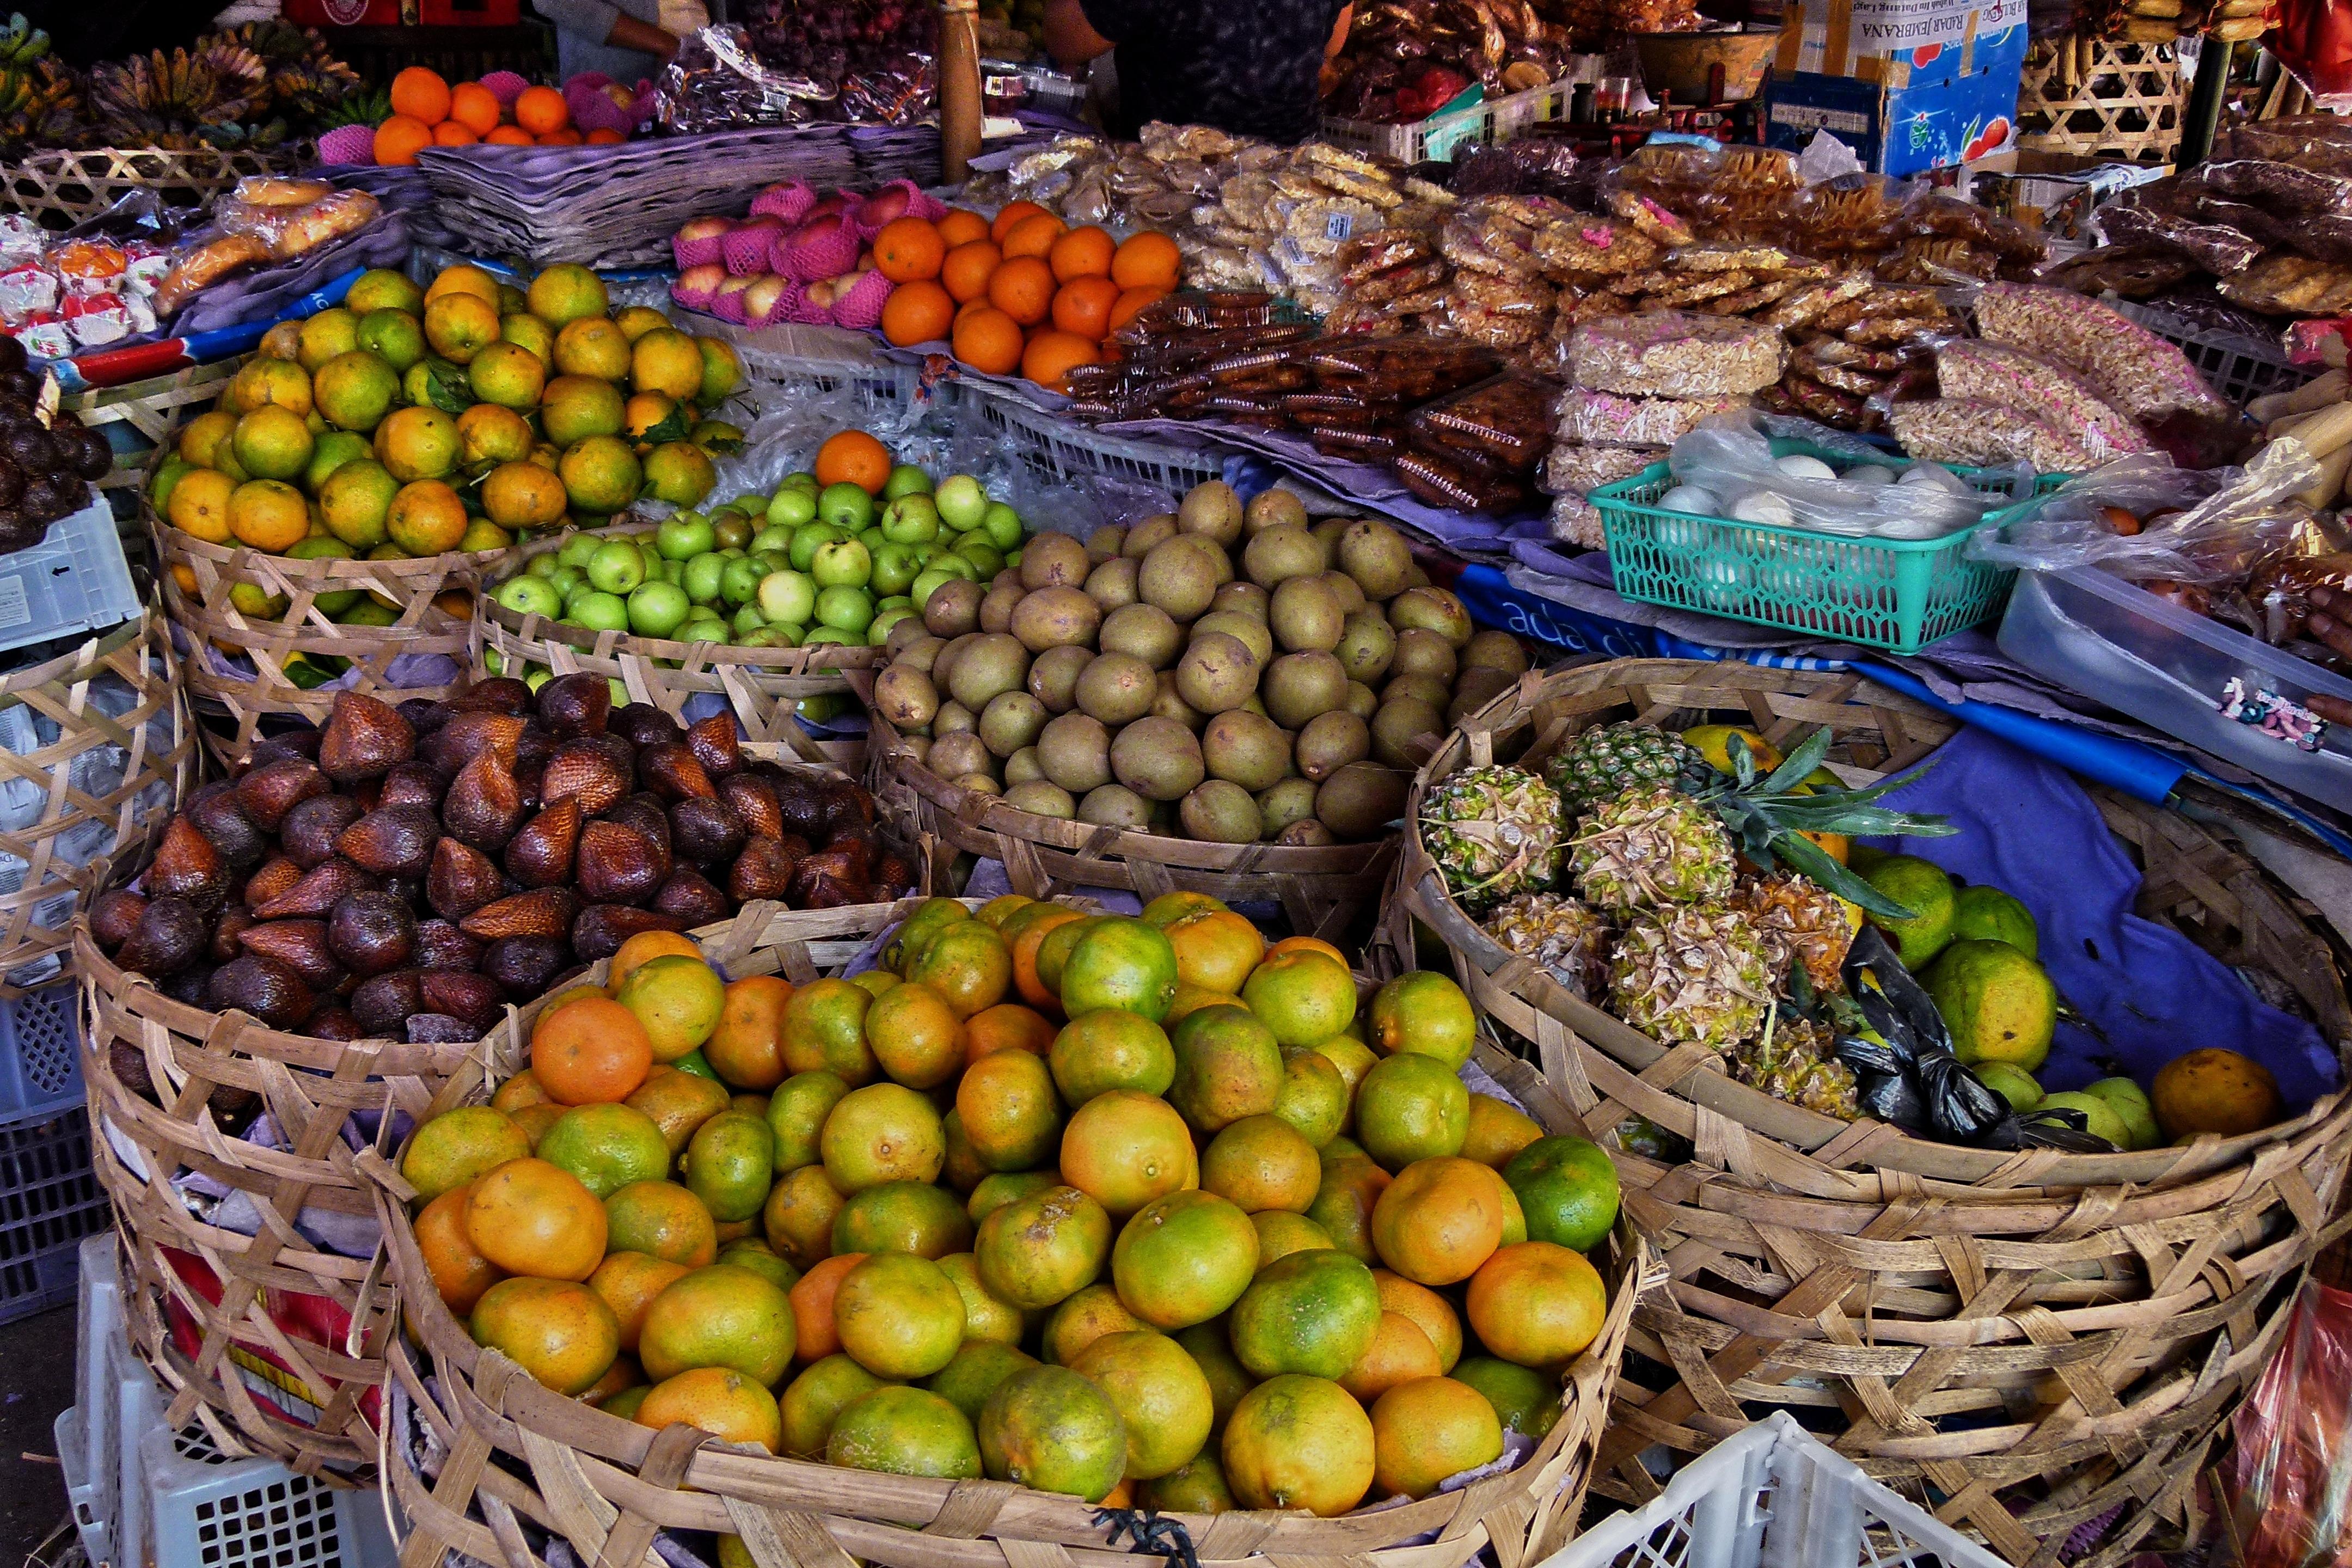 Hasil gambar untuk Fruits Markets bali